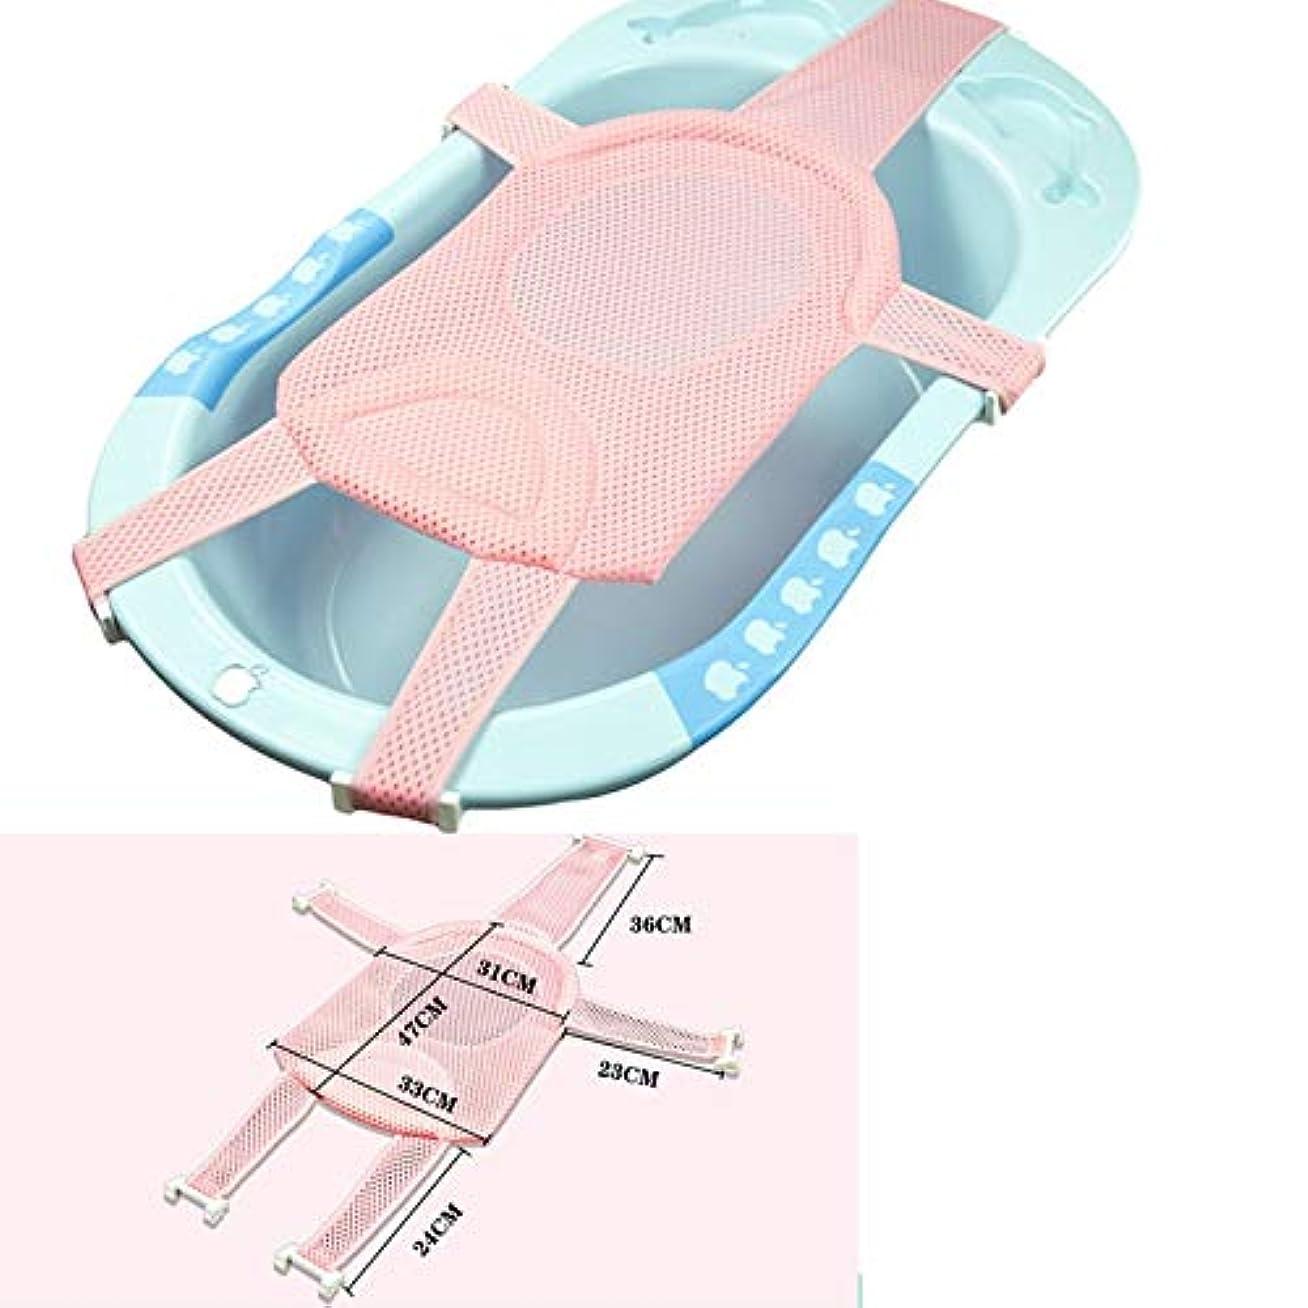 バイソン米ドルシガレットSMART 漫画ポータブル赤ちゃんノンスリップバスタブシャワー浴槽マット新生児安全セキュリティバスエアクッション折りたたみソフト枕シート クッション 椅子